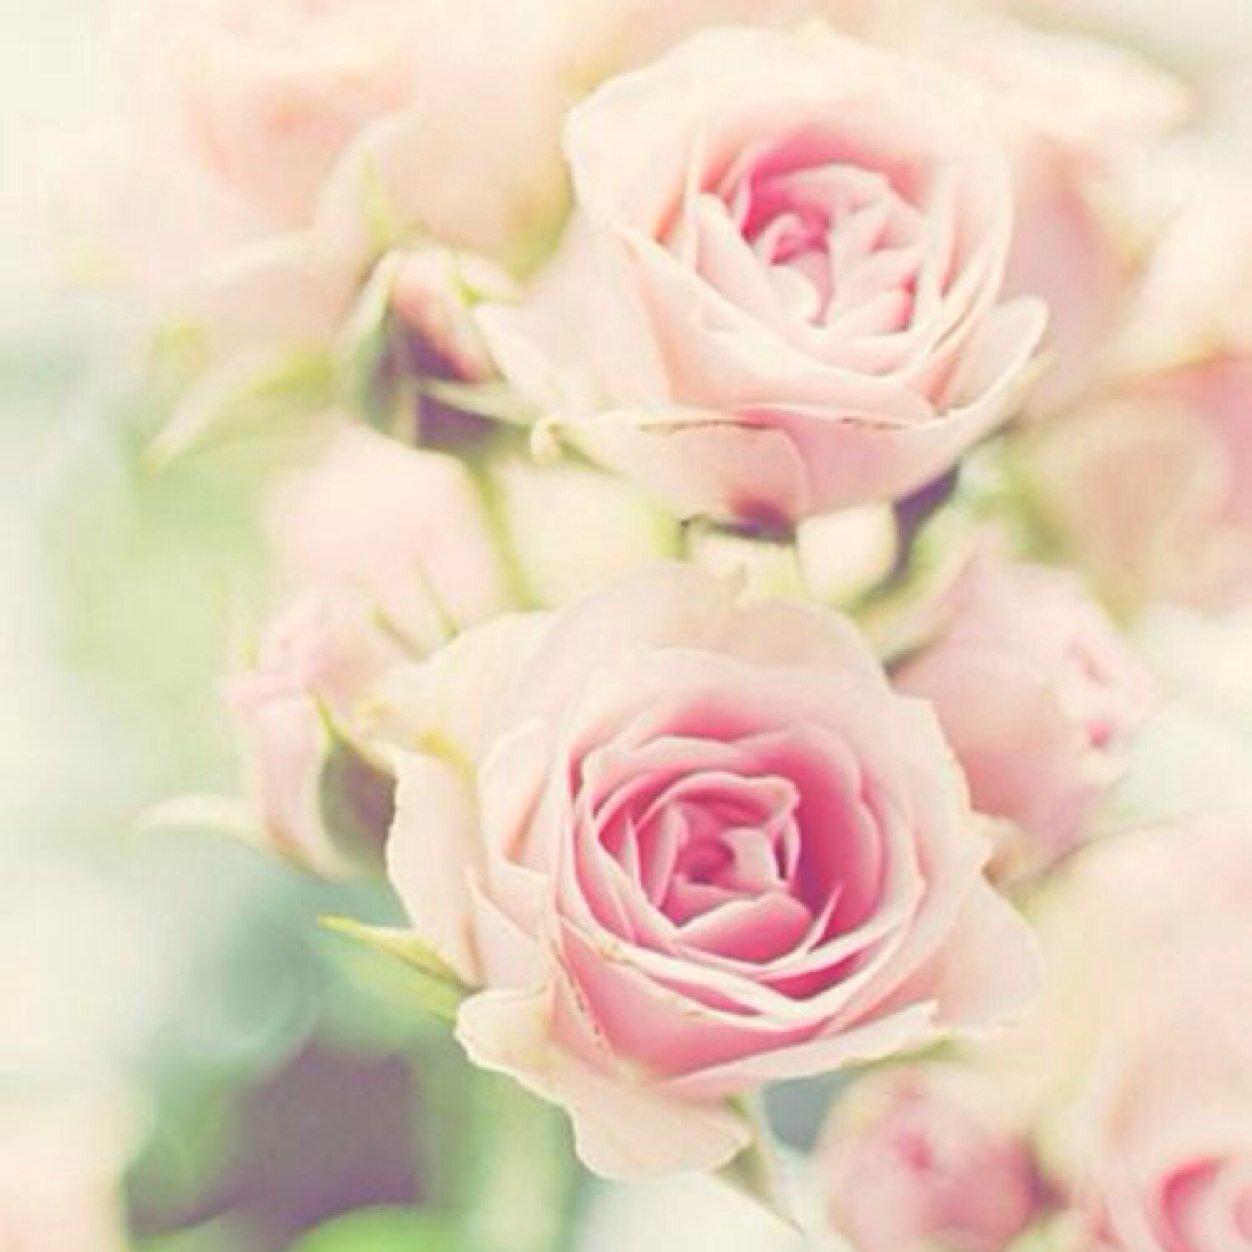 Цветы красивый вк на аву фото